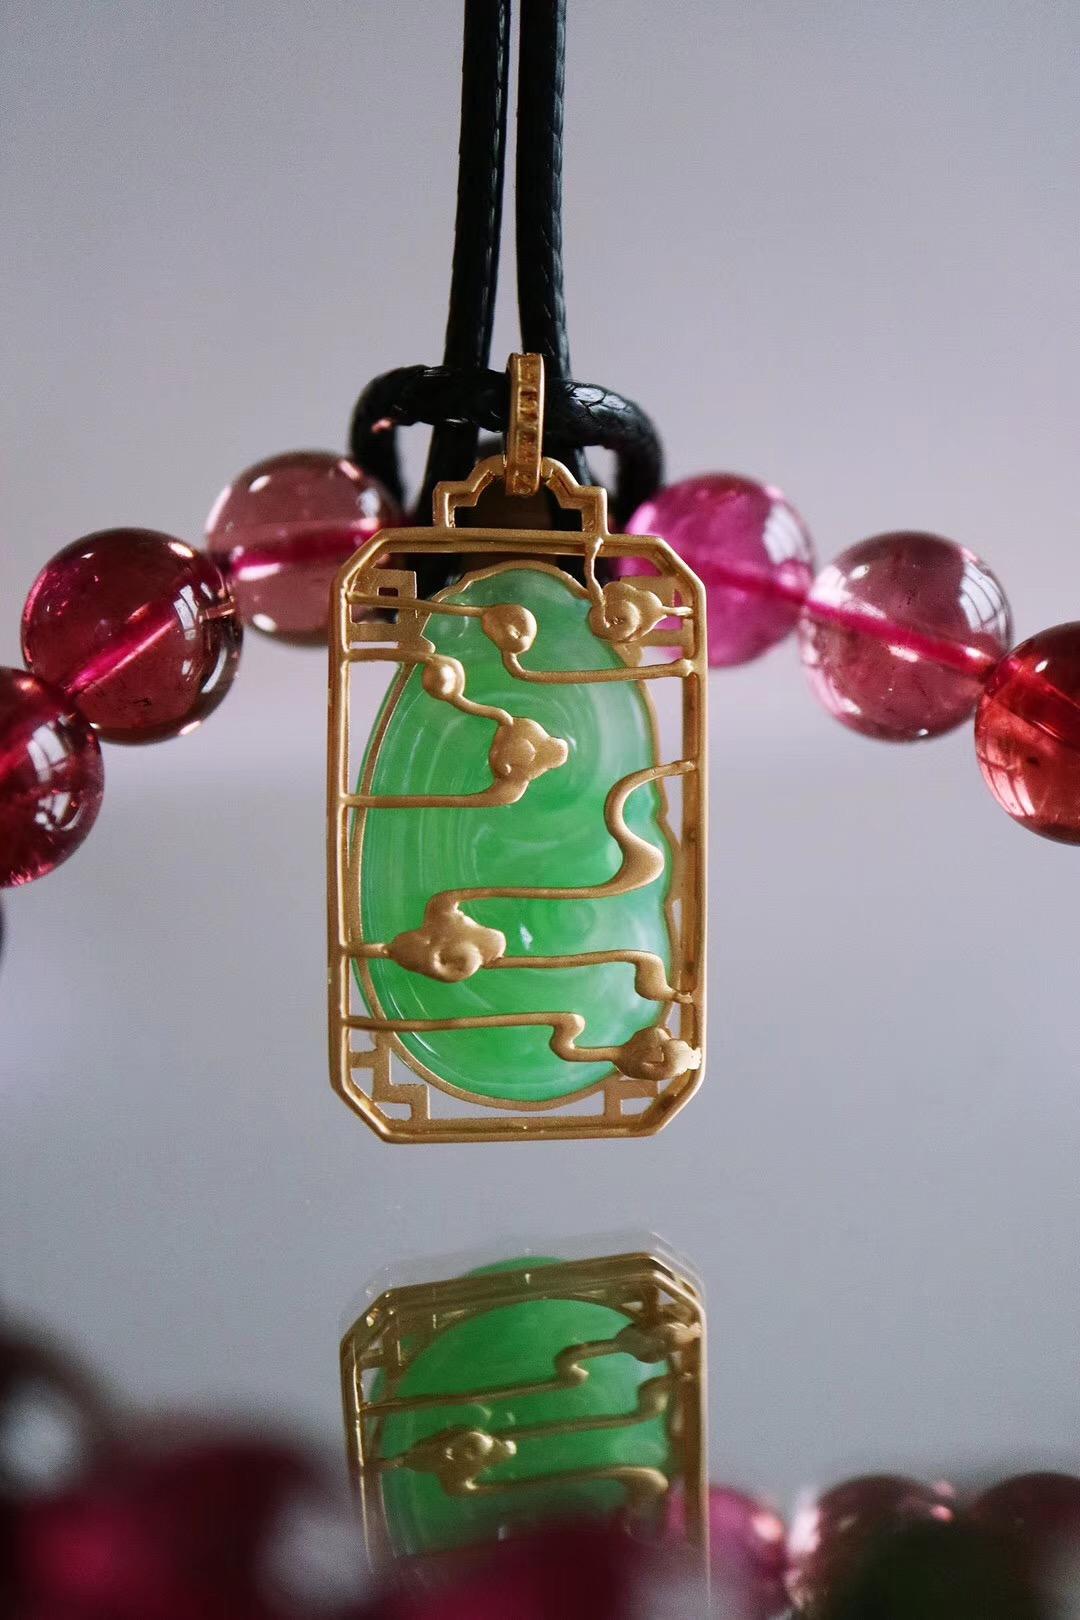 【翡翠、红碧玺】一枚玉如意,一条红碧玺,皆是素物-菩心晶舍